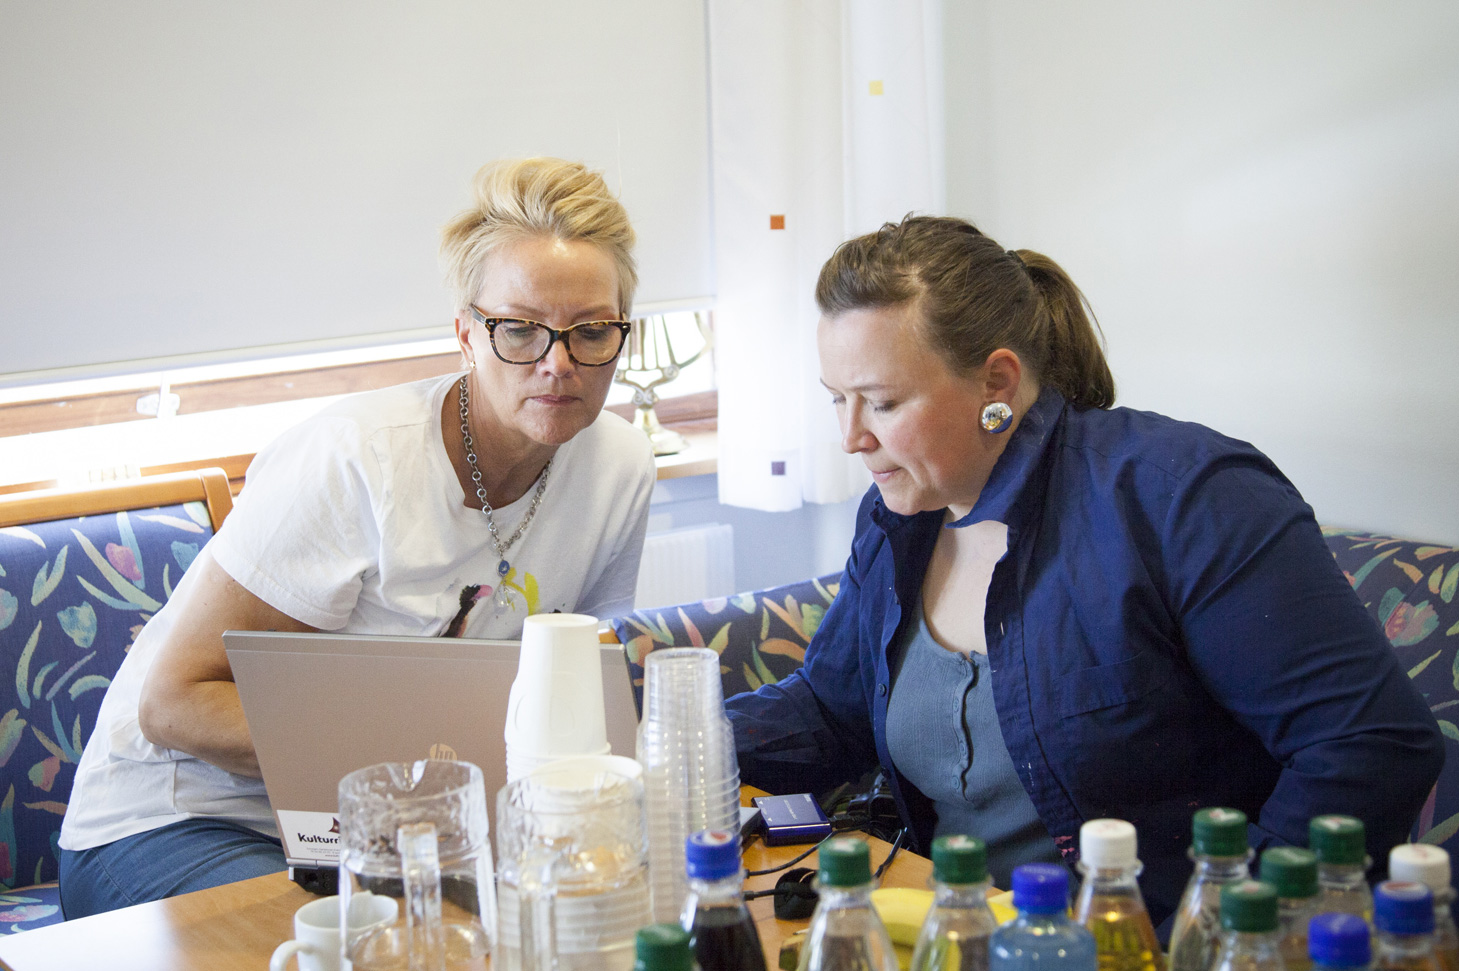 Unni og Kristine klargjør for neste undervisningstime. HMS med risikovurdering av egen bedrift er et utfordrende tema